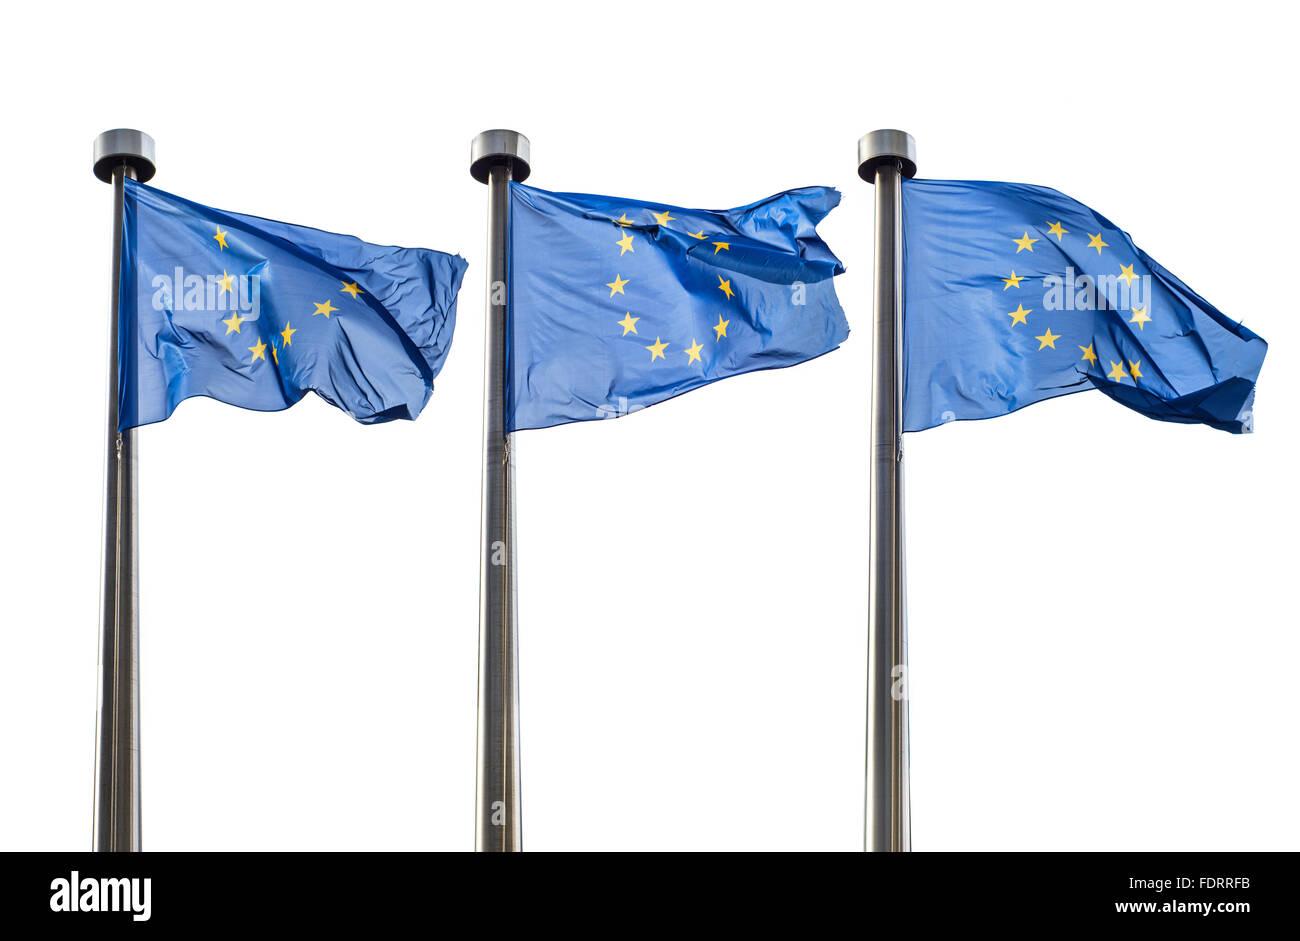 flag,eu,european community,european union flag - Stock Image